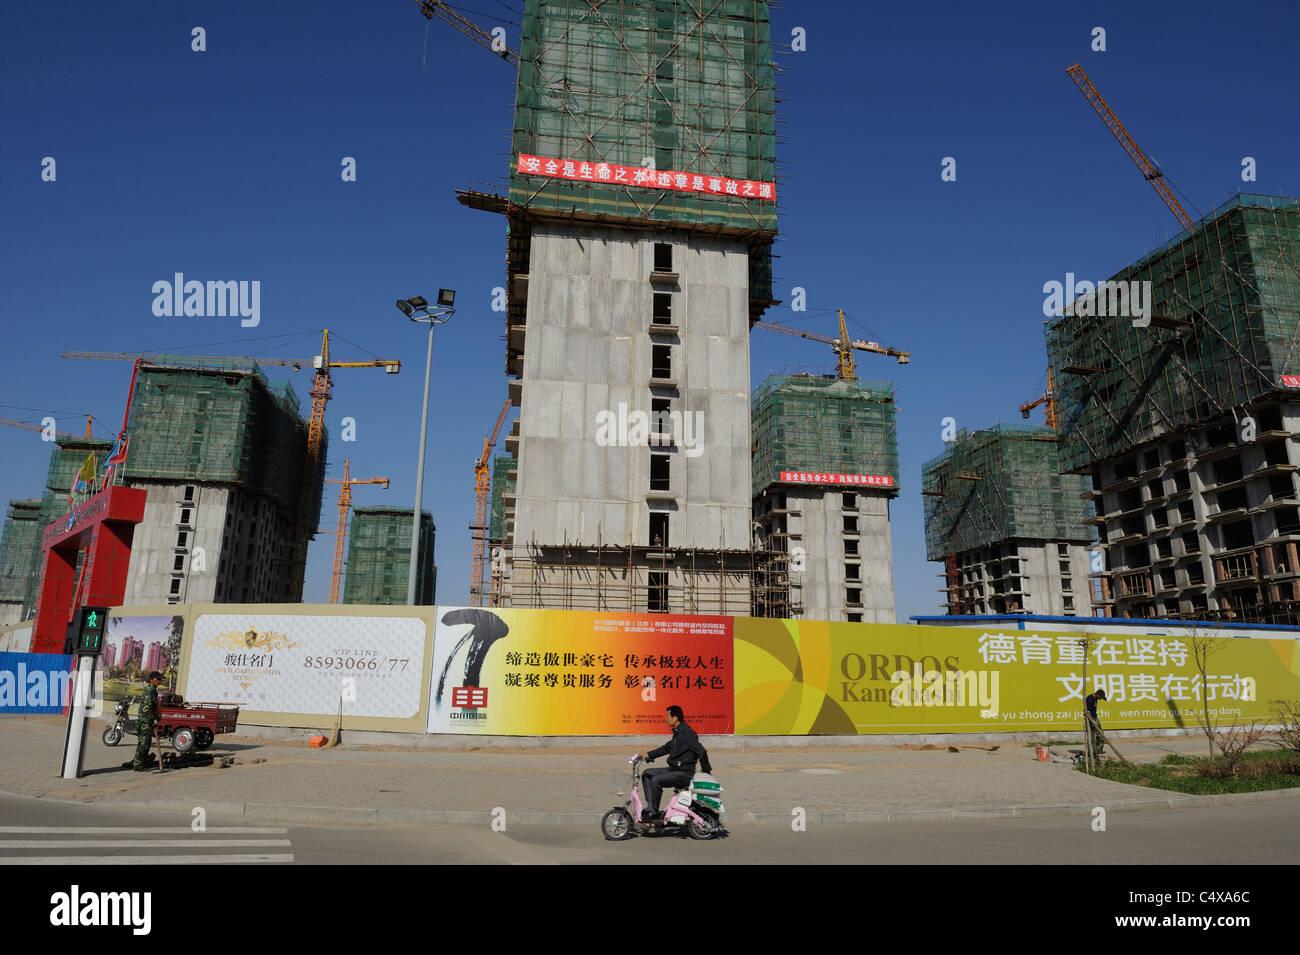 Unterkünfte in Bau in Kangbashi, Ordos, Innere Mongolei, China. 13. Mai 2011 Stockbild